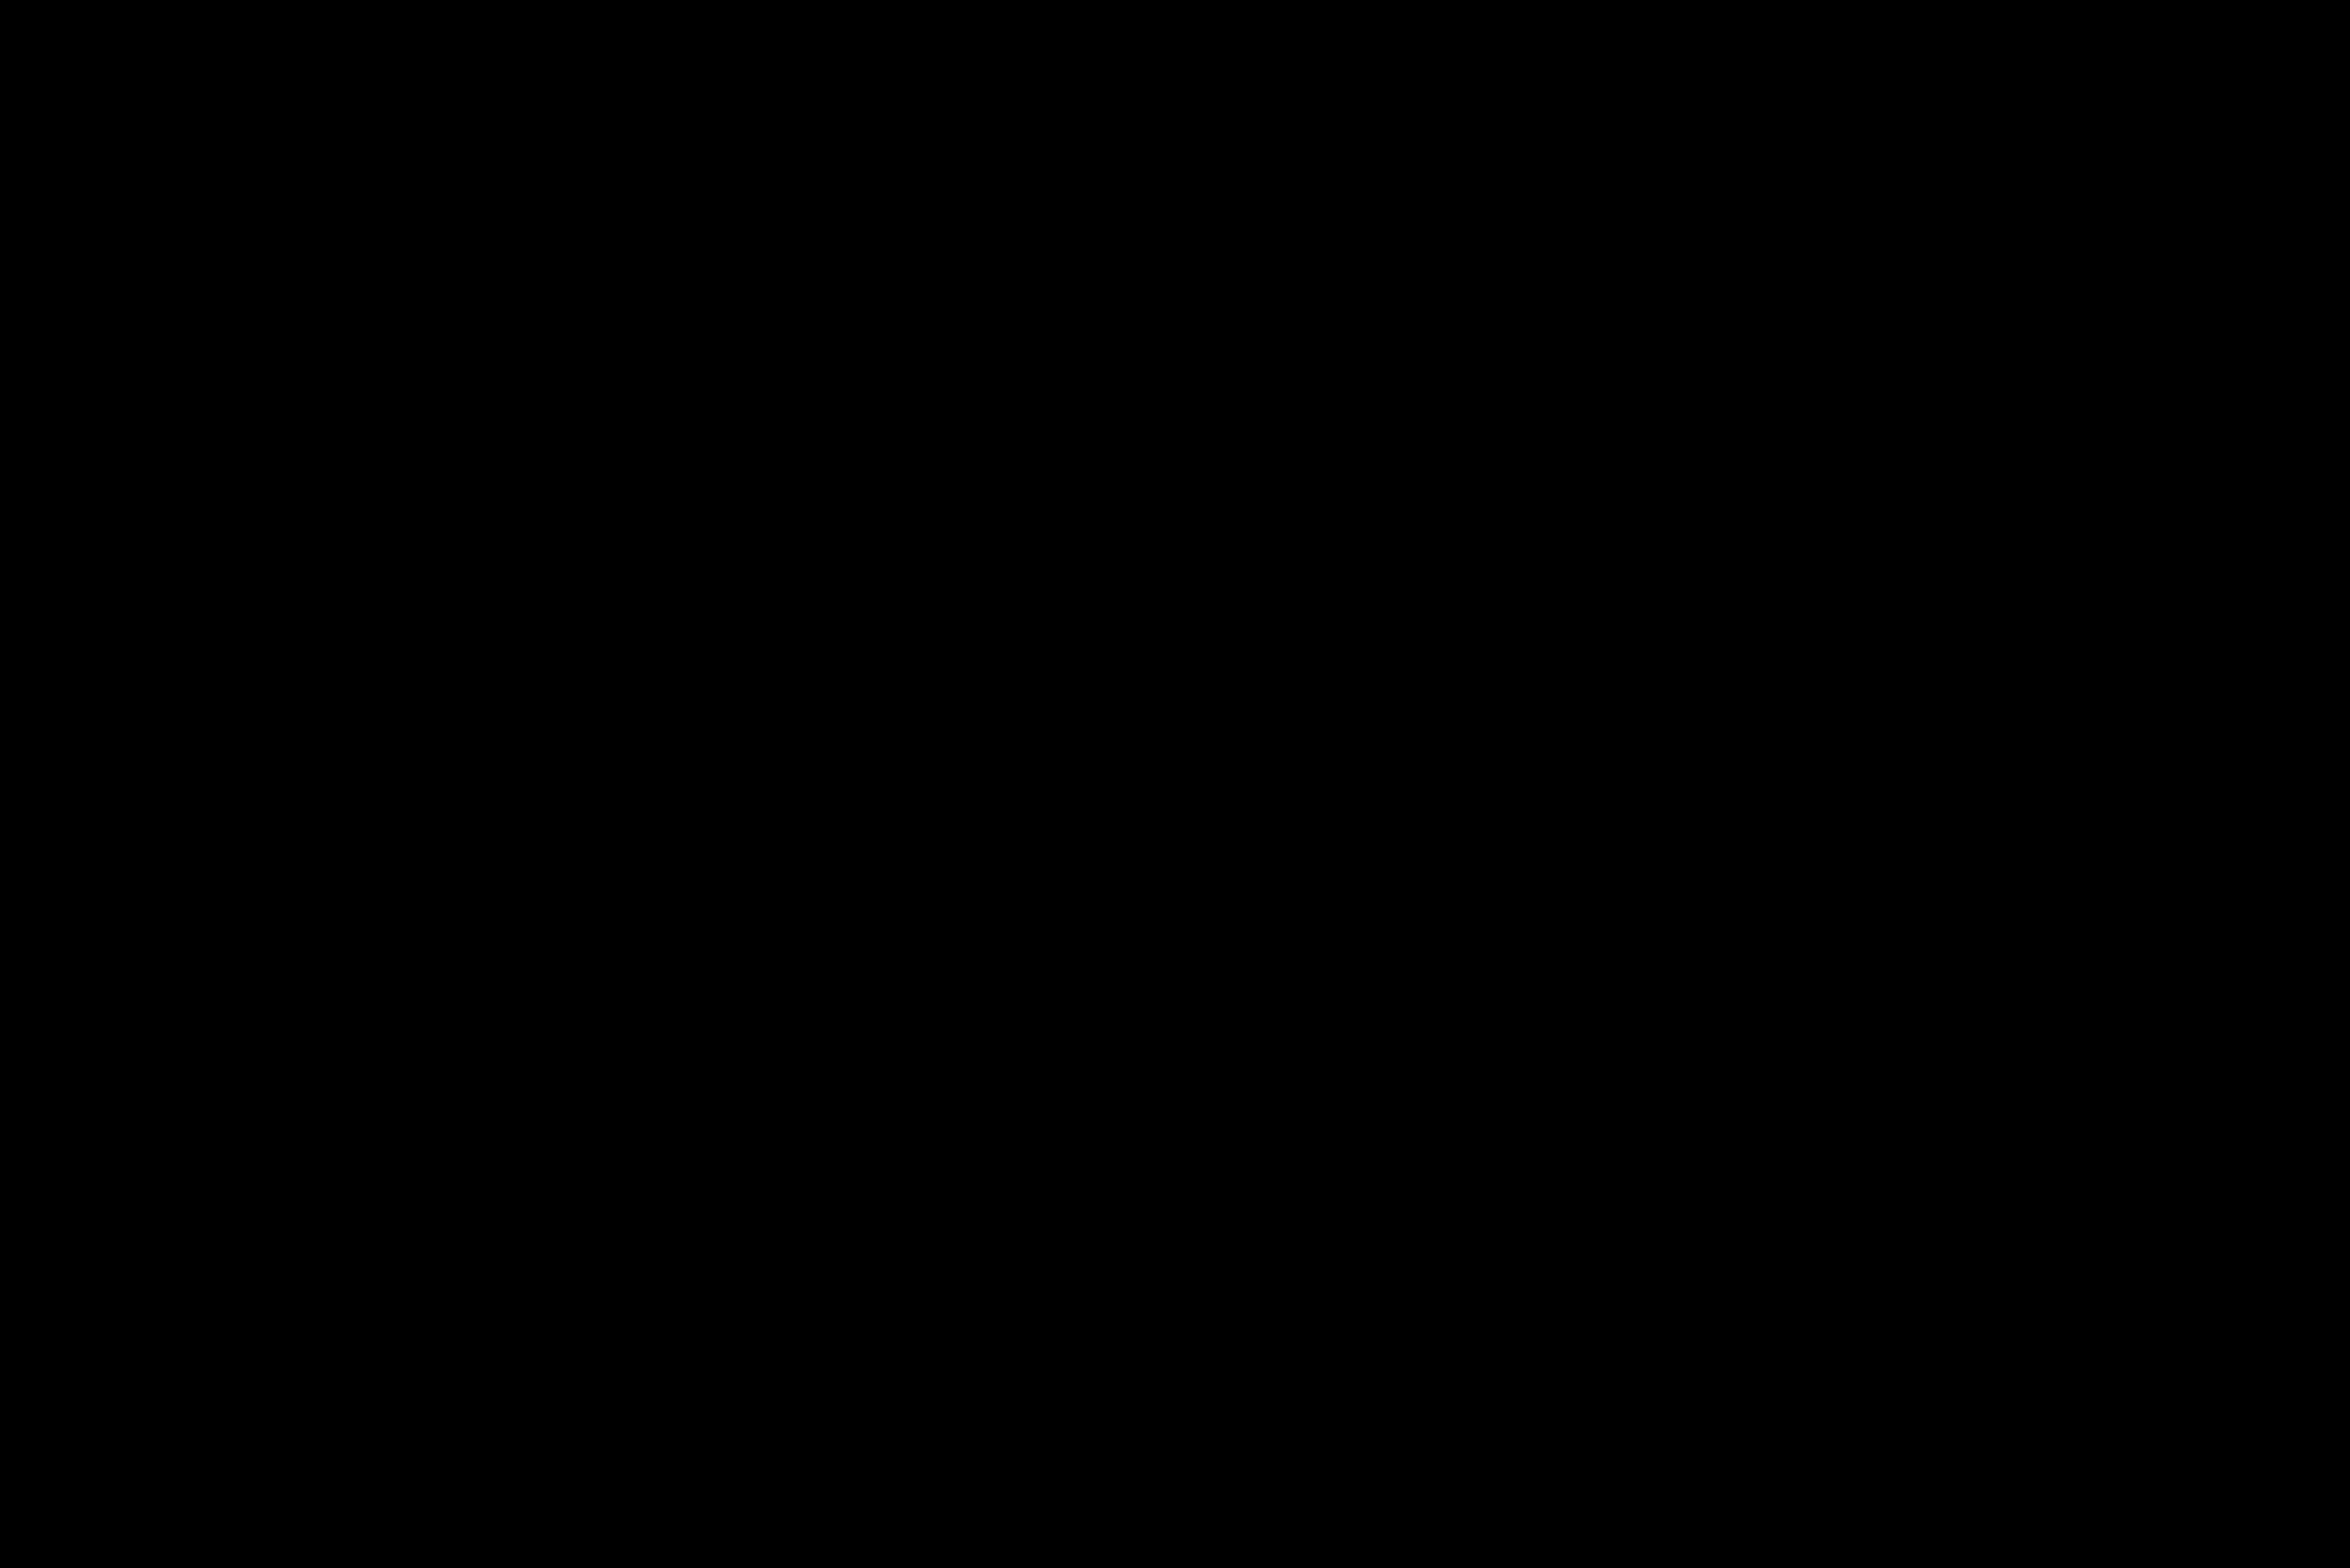 Havenkrant, de grootste krant van Nederland